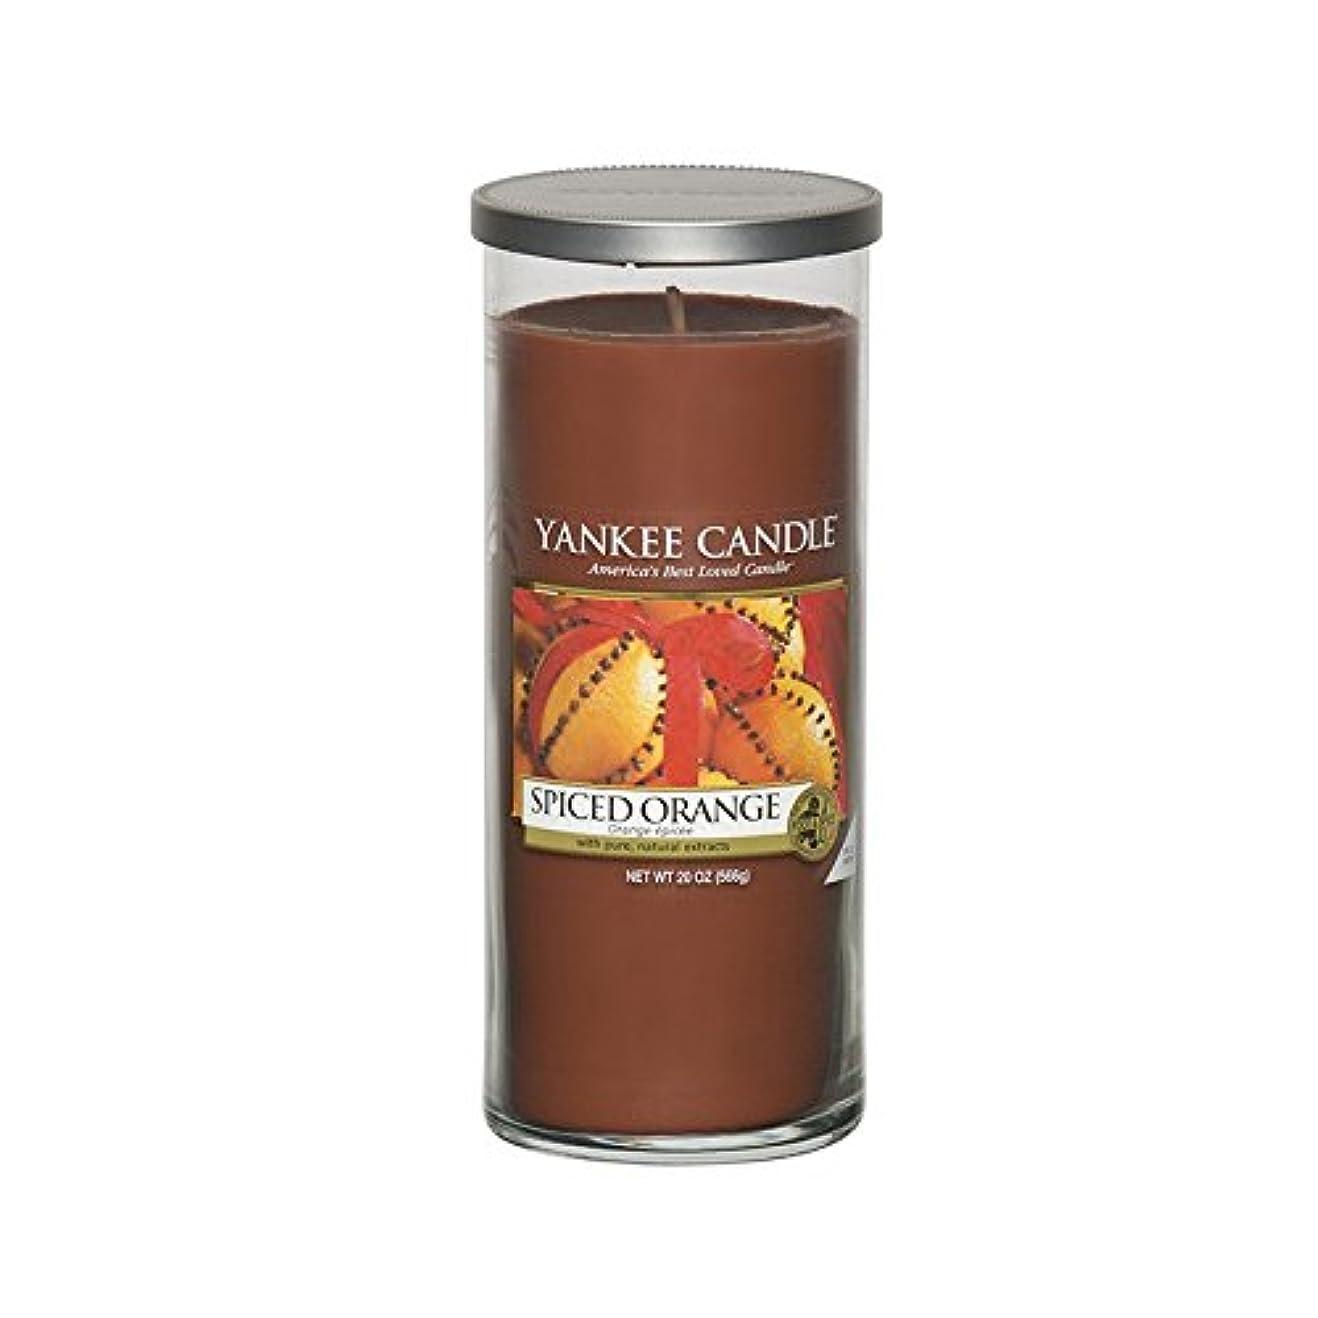 懺悔ピアノを弾く道に迷いましたヤンキーキャンドル大きな柱キャンドル - スパイスオレンジ - Yankee Candles Large Pillar Candle - Spiced Orange (Yankee Candles) [並行輸入品]